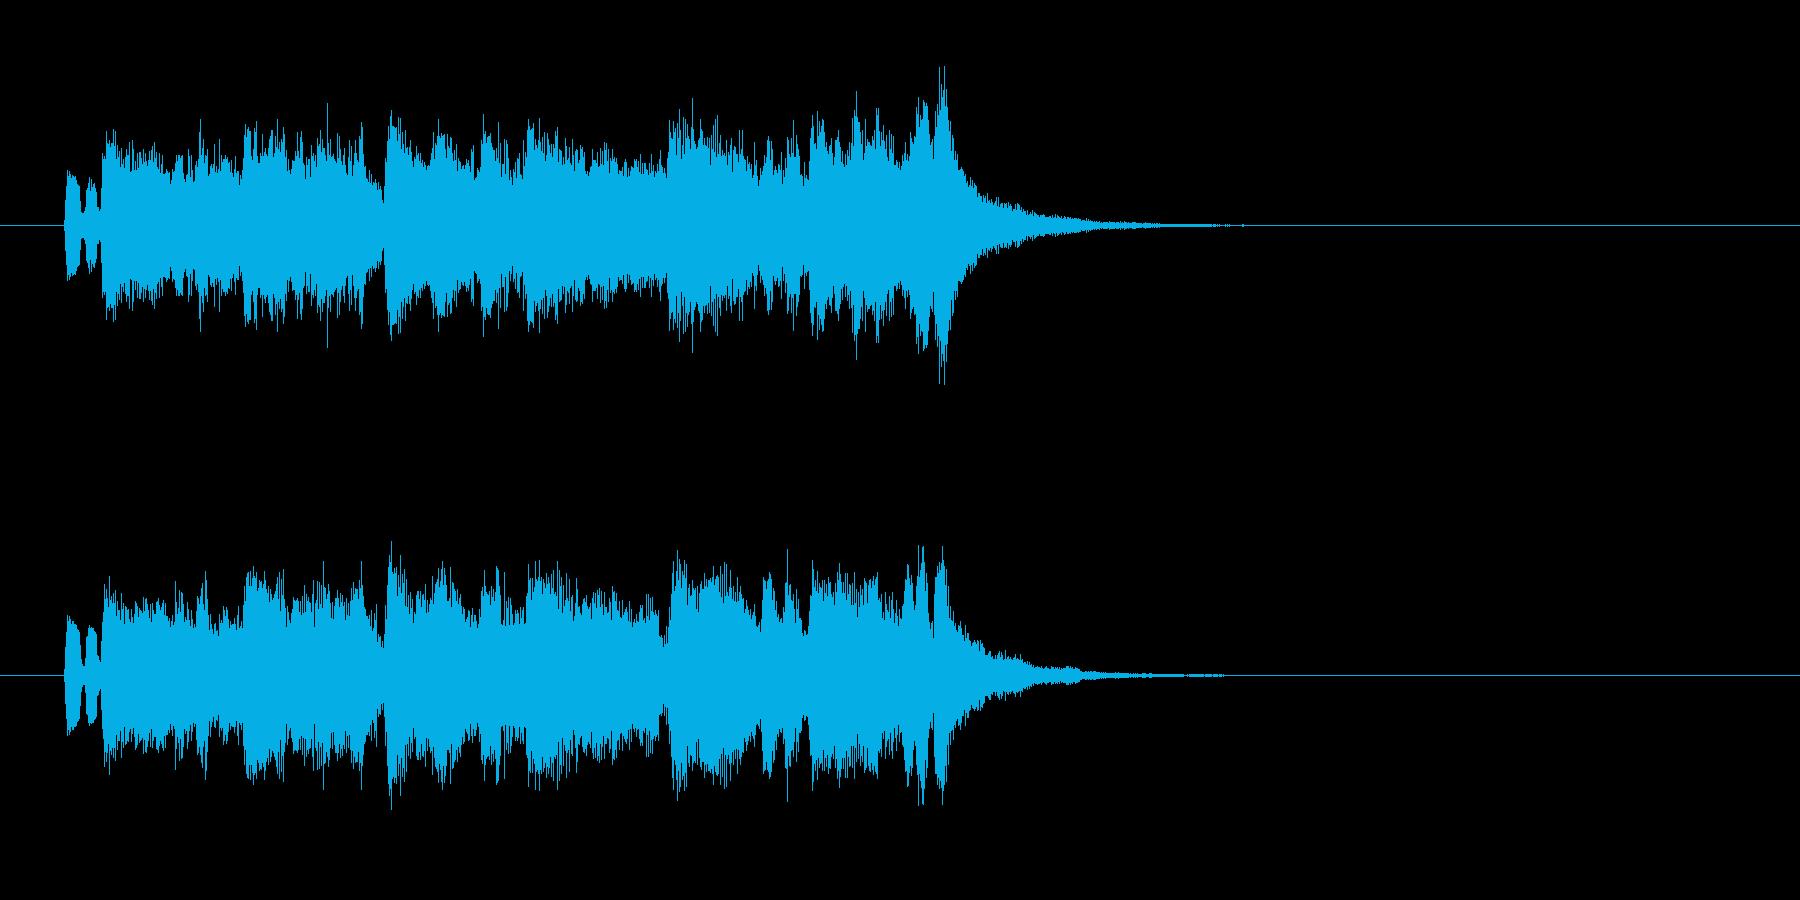 ジングル(必殺大江戸時代劇調)の再生済みの波形